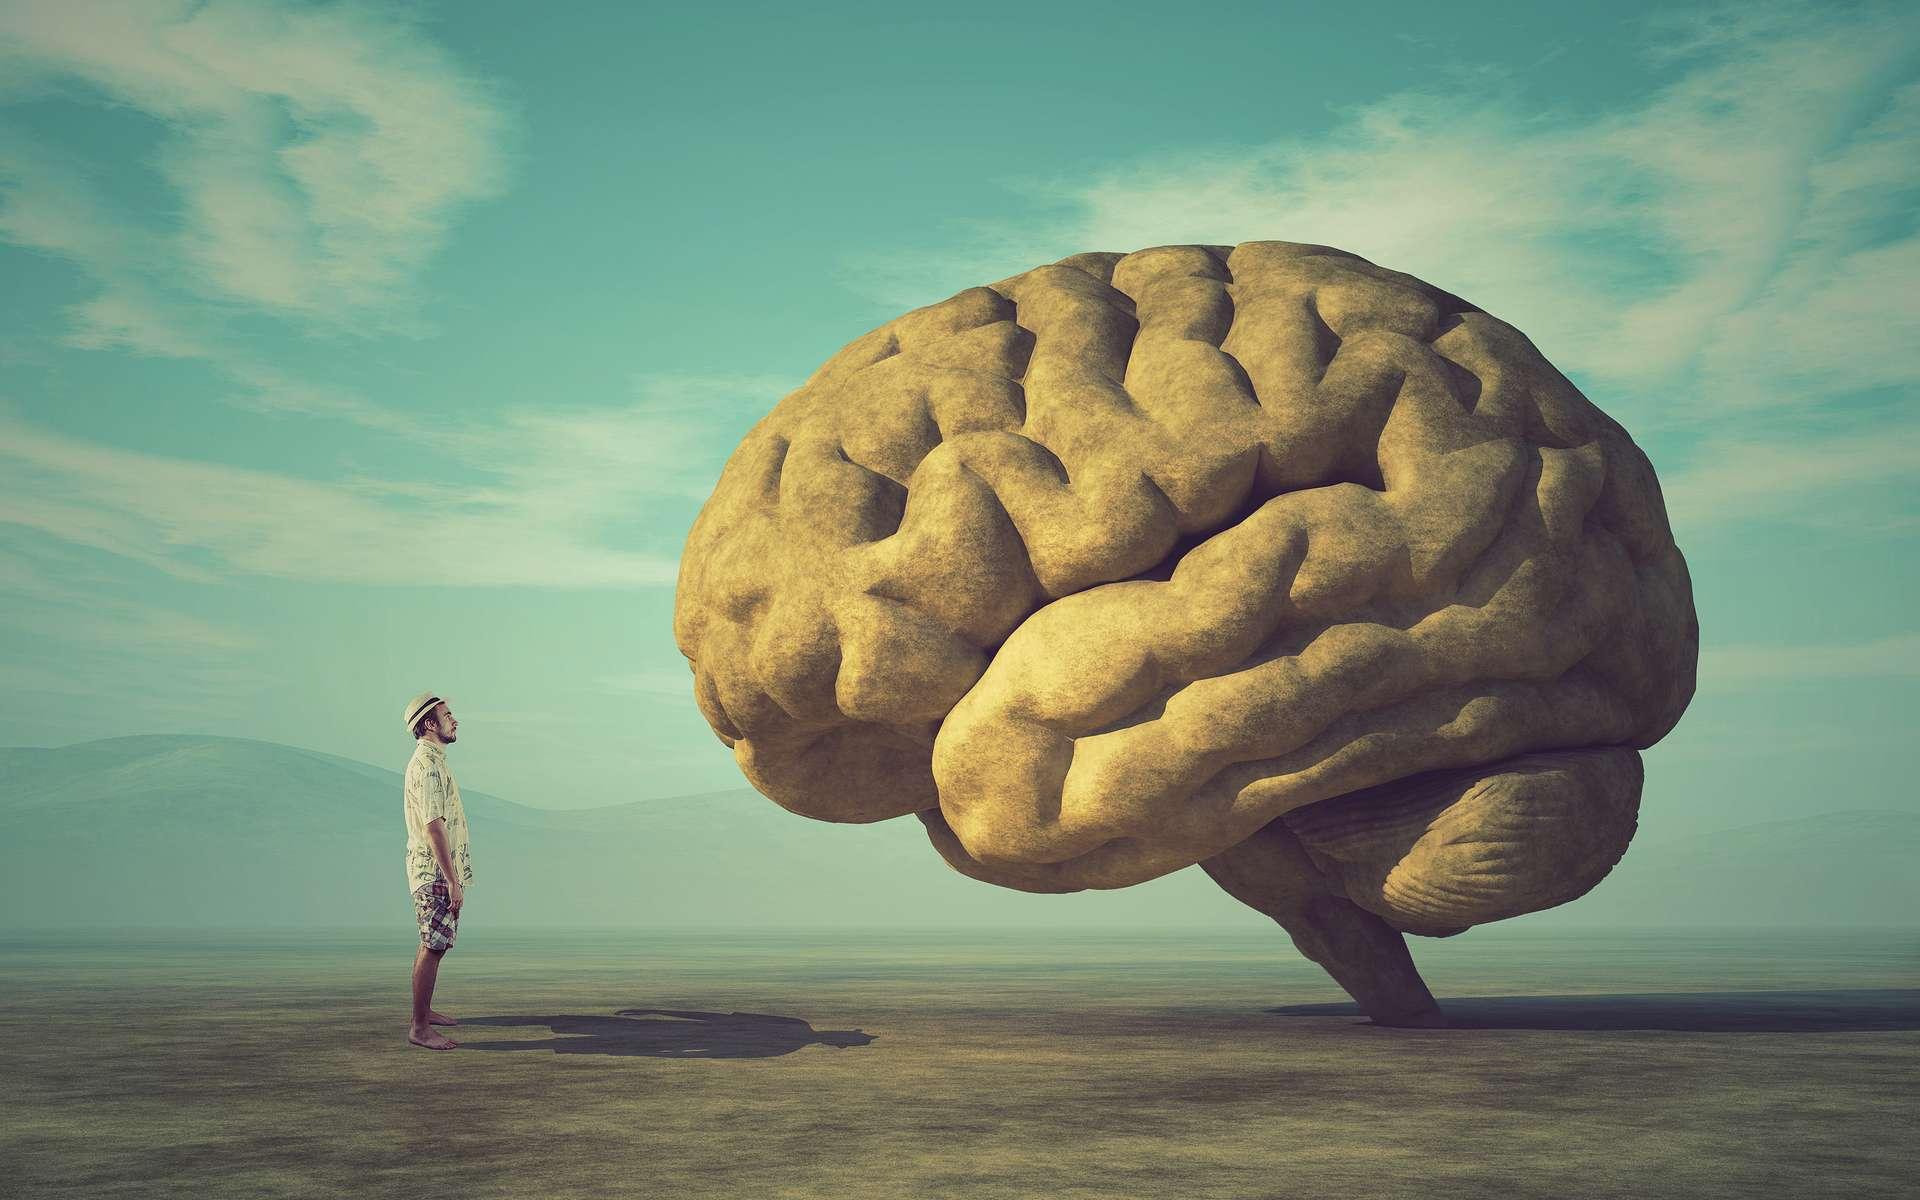 Ce que vous pourriez dire si on stimule ces zones de votre cerveau - Futura